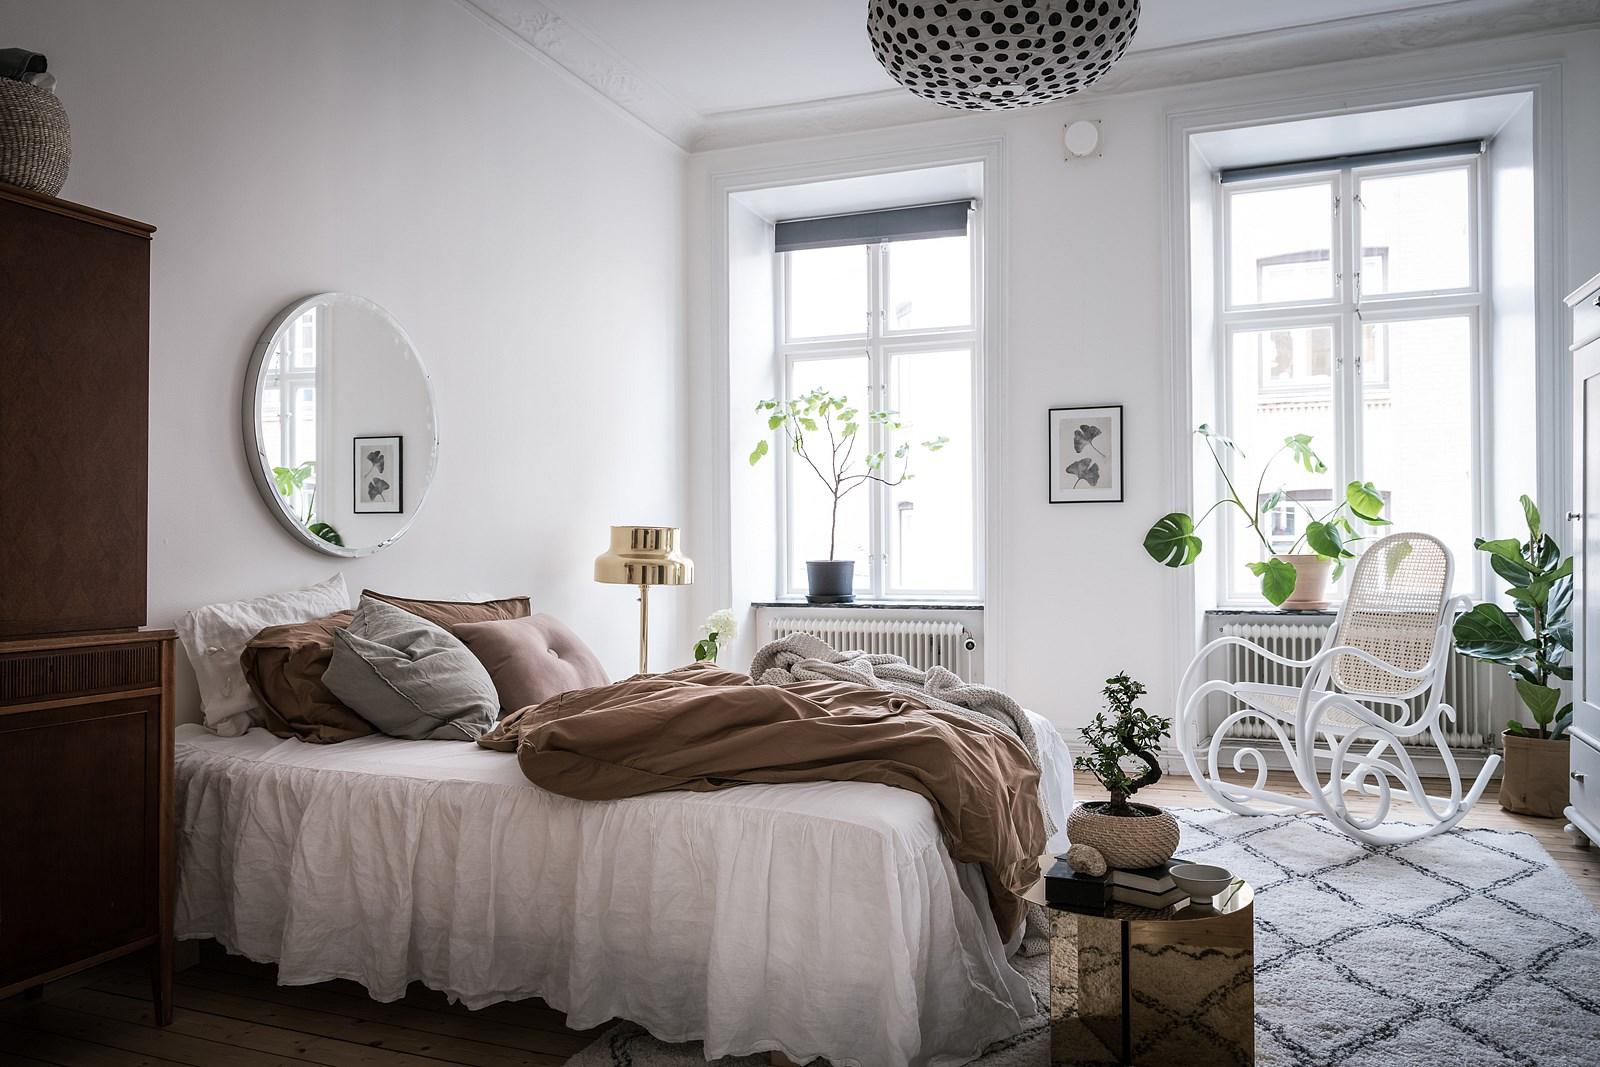 спальня окно кровать текстиль лампа в горошек